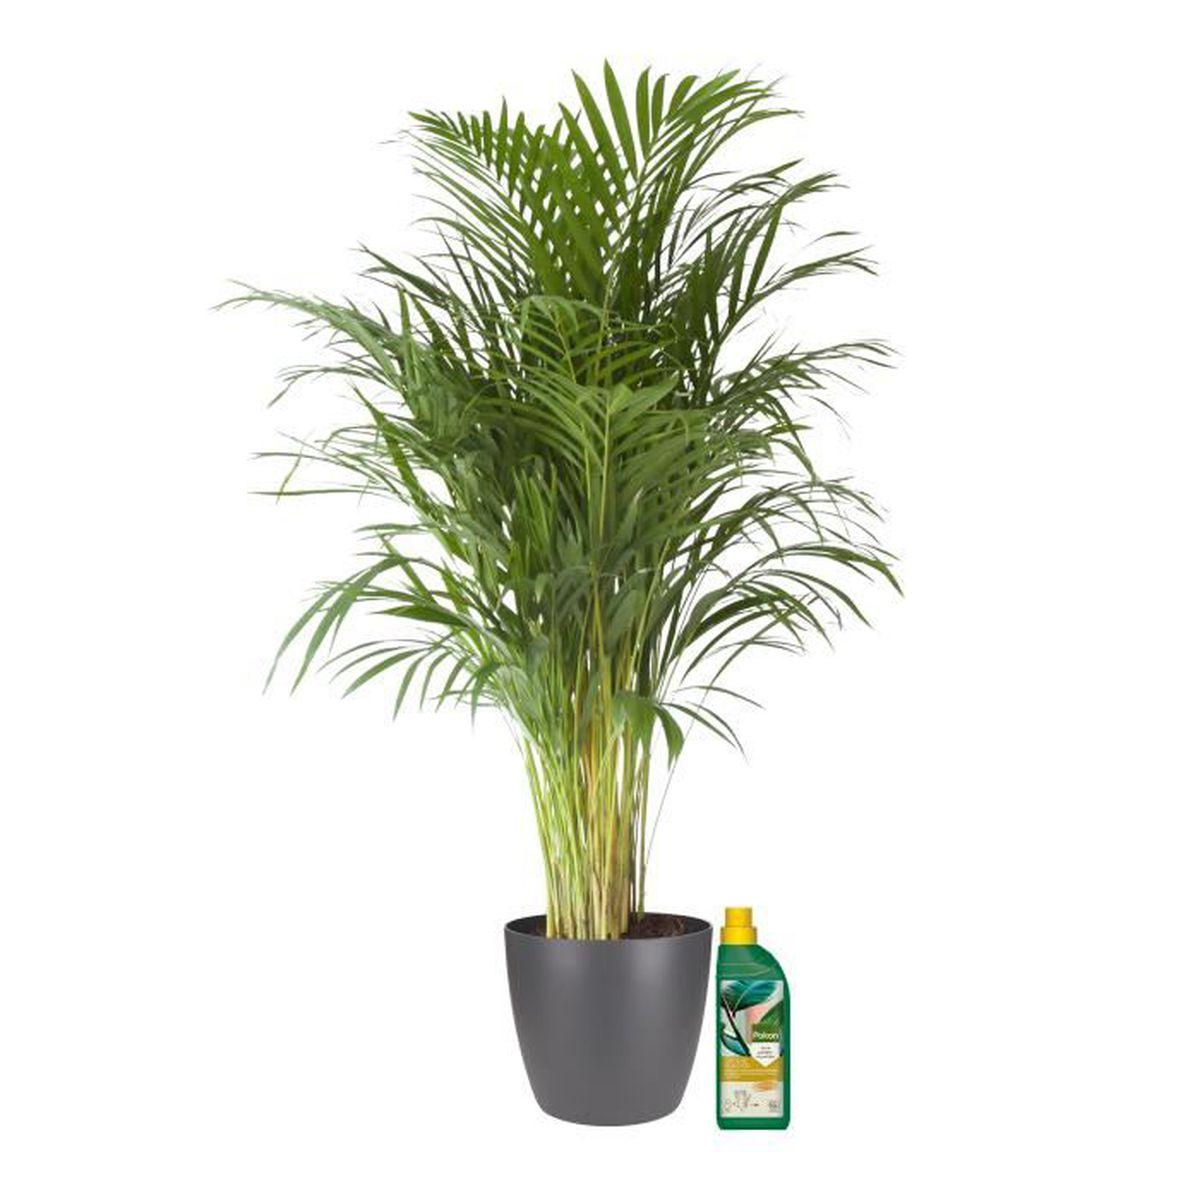 Plante Exterieur Toute Saison Pas Cher plantes vertes d intérieur – palmier d'arec en pot de fleur